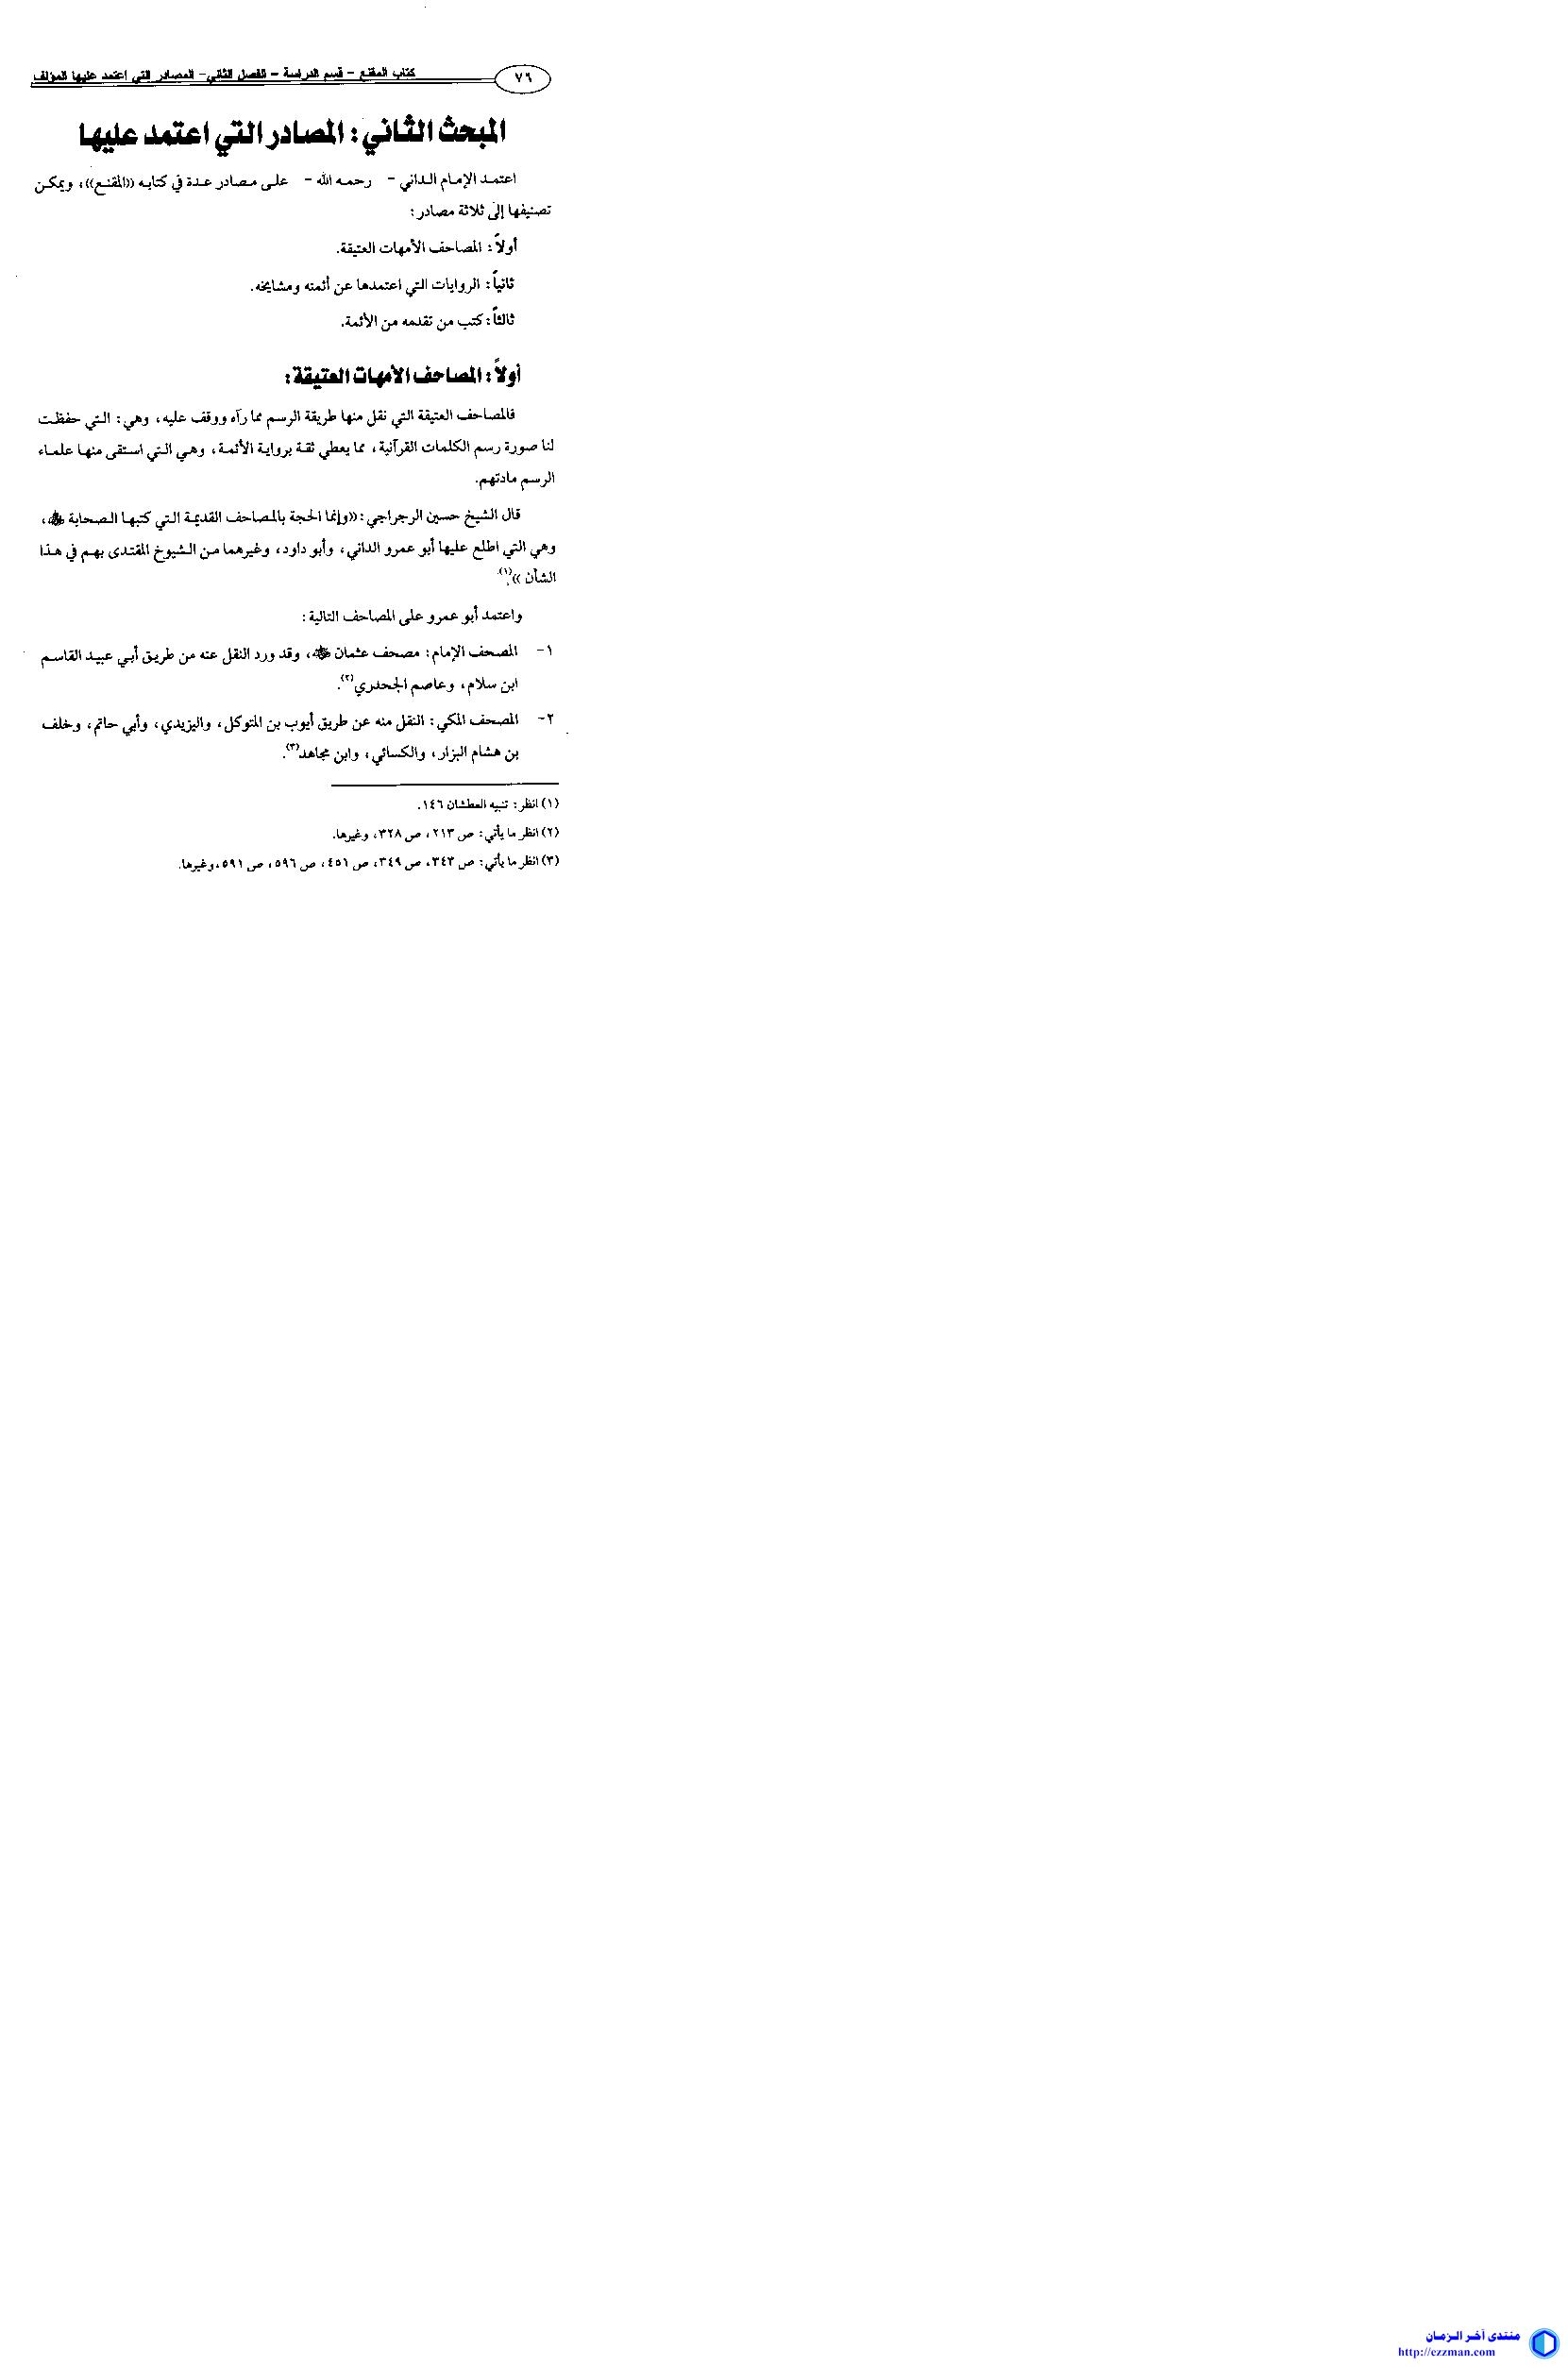 المقنع معرفة مرسوم مصاحف الأمصار